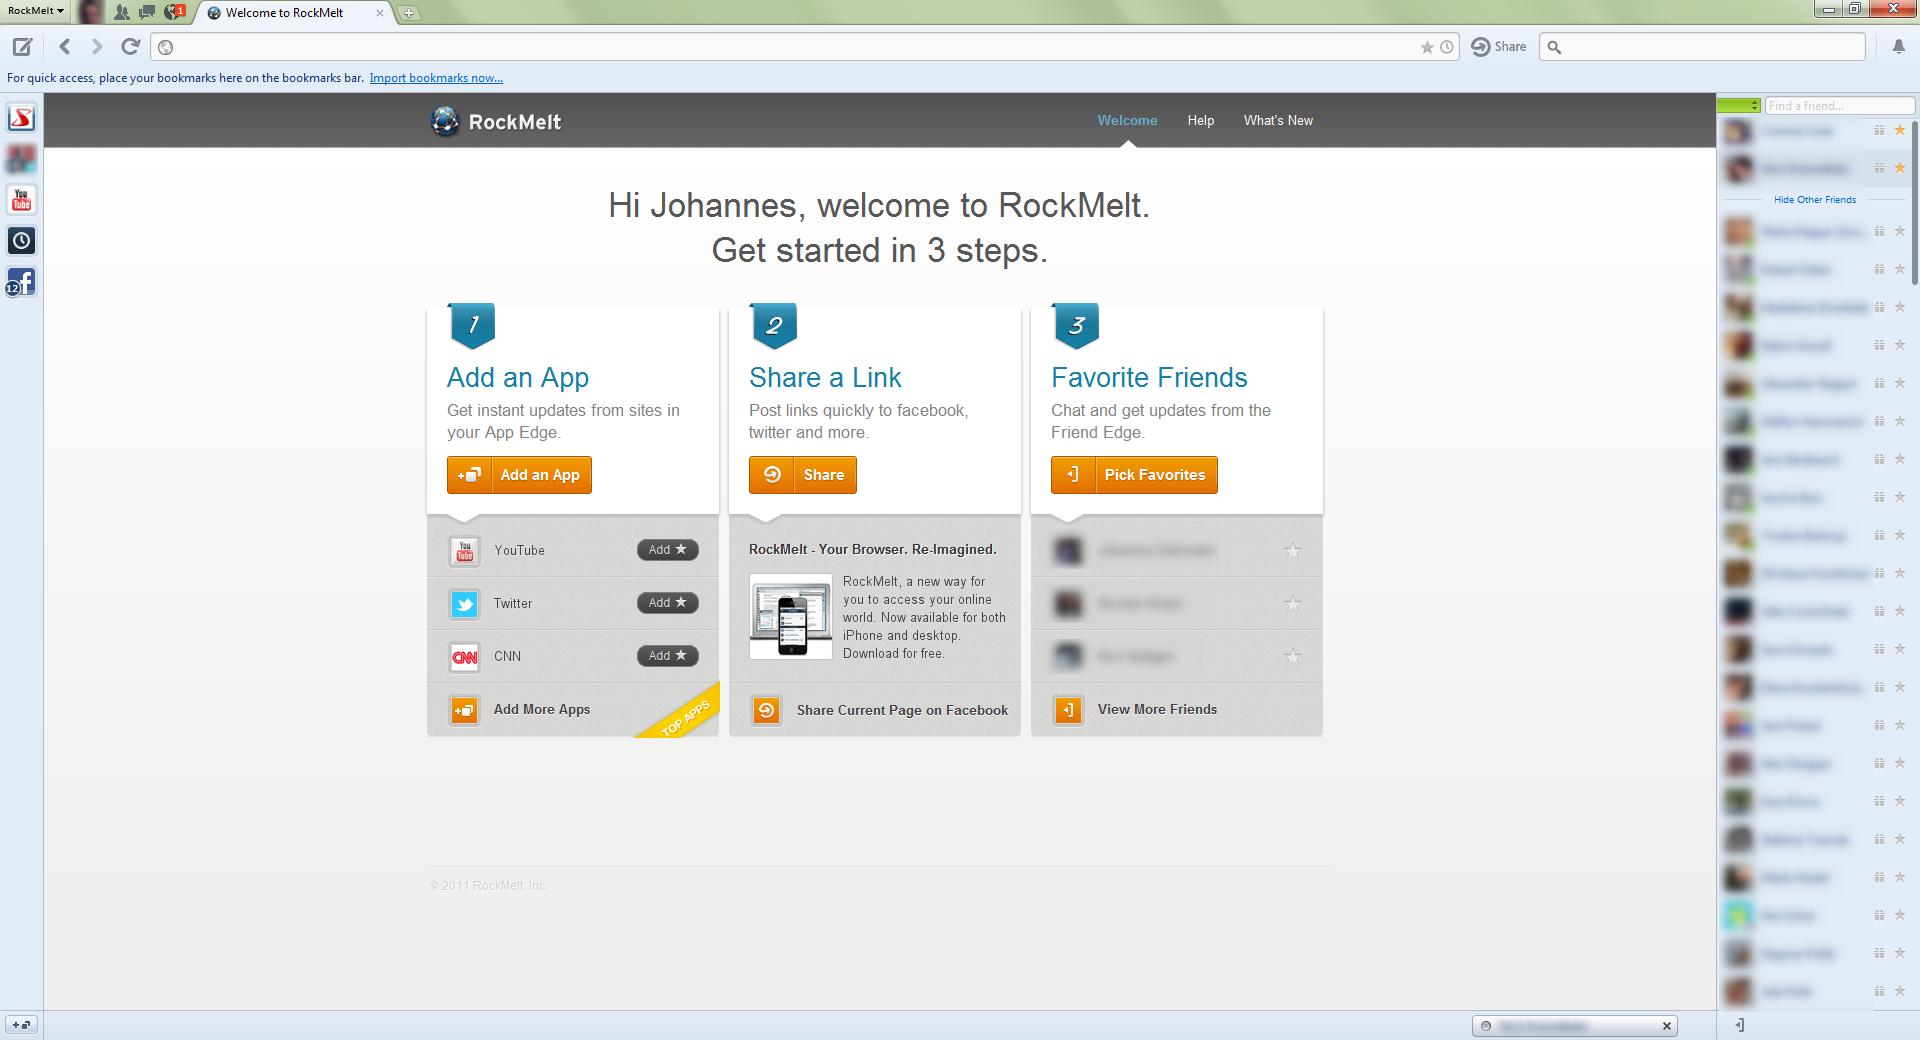 06-rockmelt-der-soziale-webbrowser-fb-chat-470.png?nocache=1318859685833